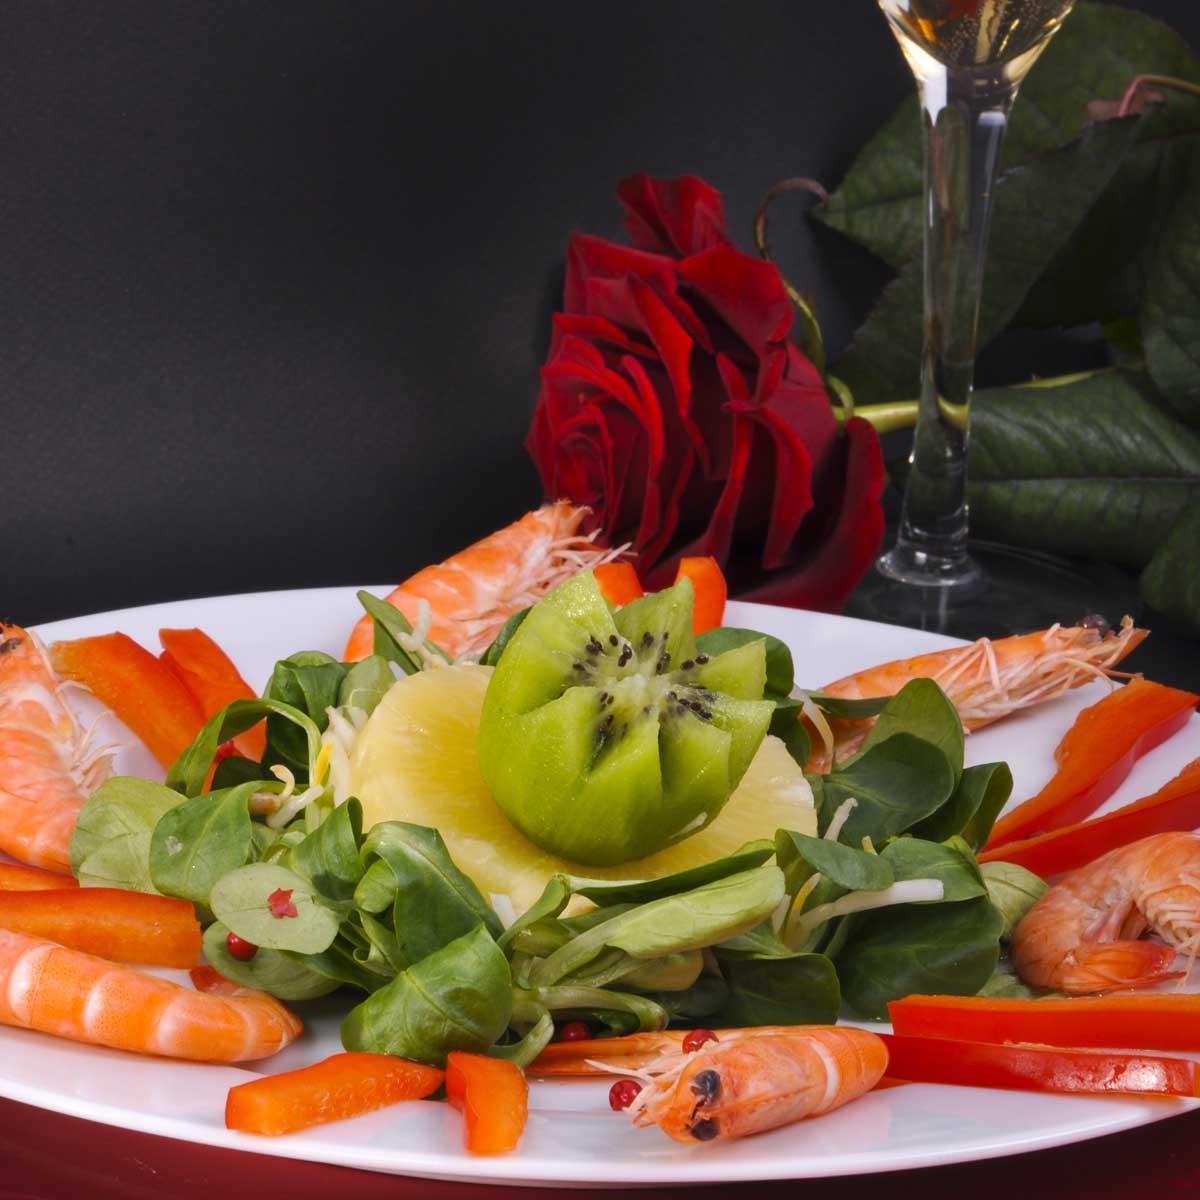 Recette assiette des les du sud cuisine madame figaro for Assiette cuisine